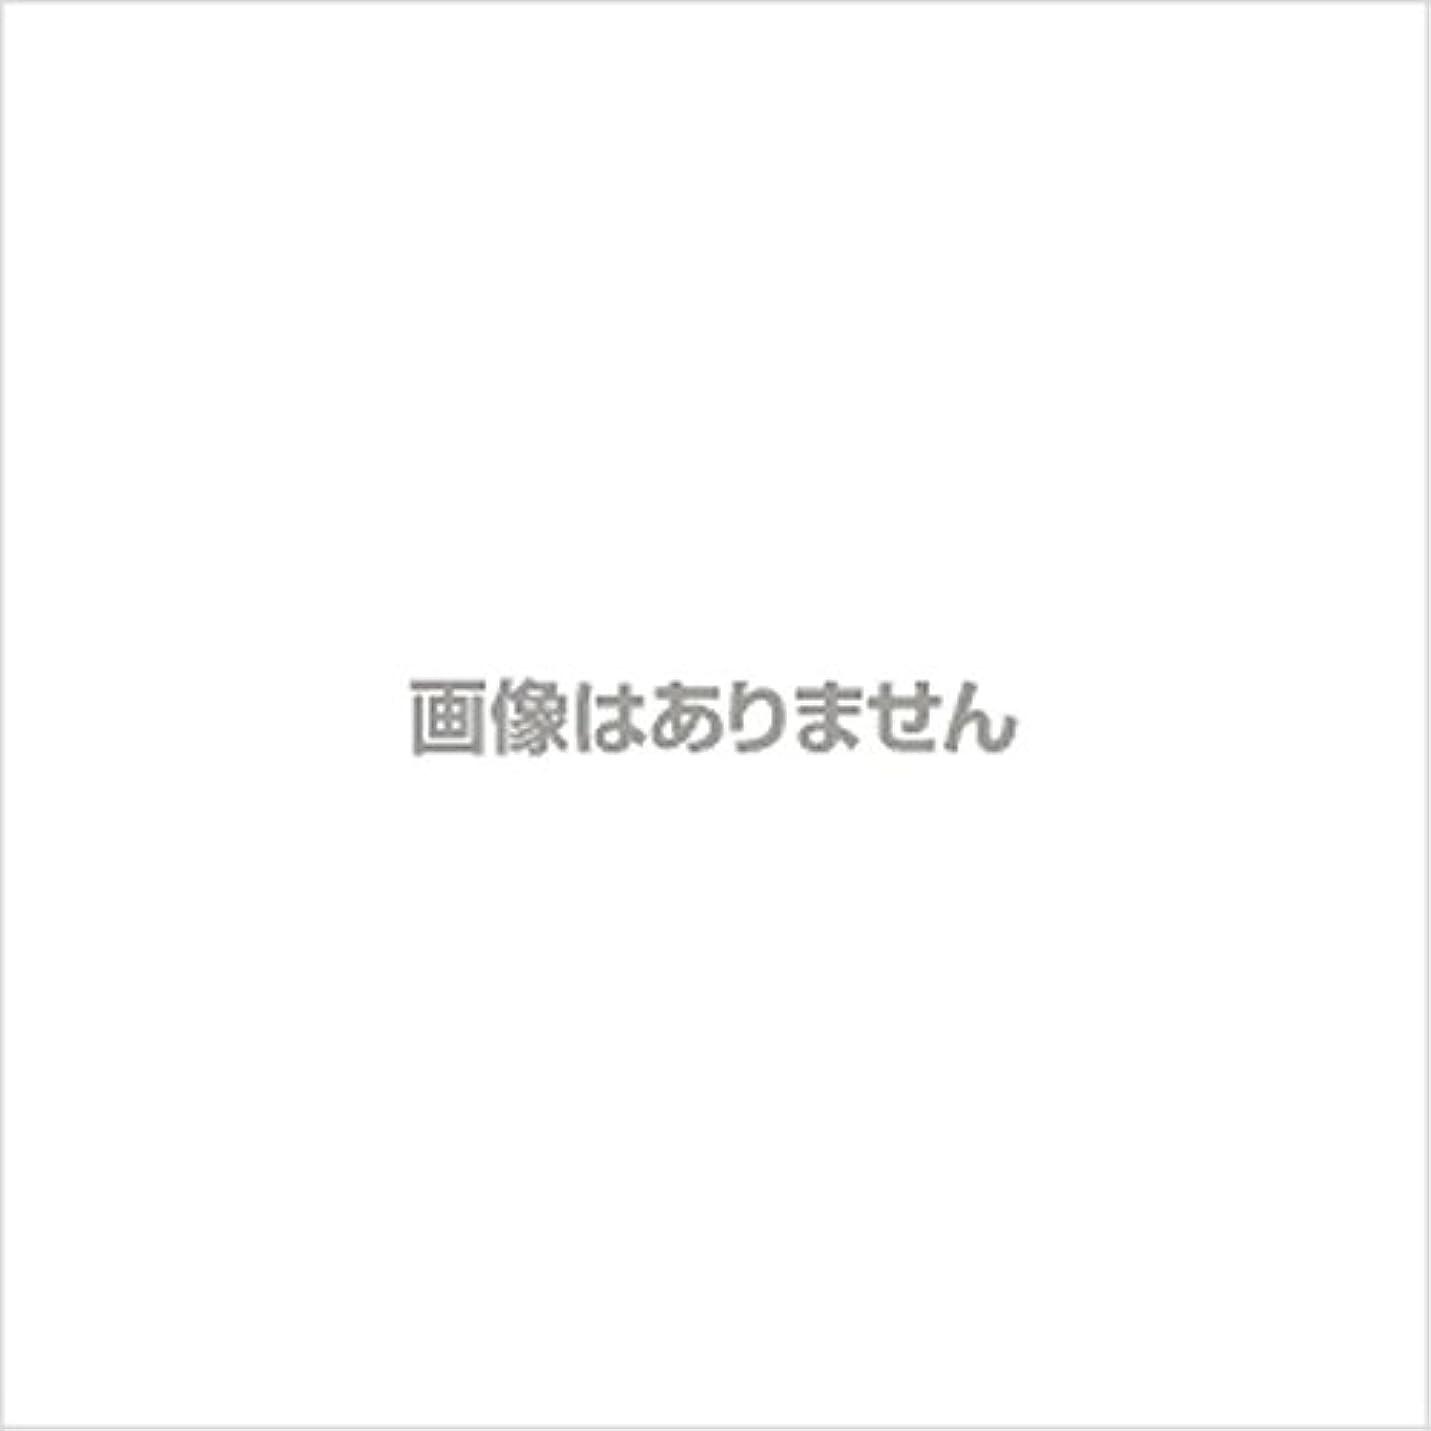 サラダスチール葉を集める【新発売】EBUKEA エブケアNO1004 プラスチックグローブ(パウダーフリー?粉なし)Sサイズ 100枚入(極薄?半透明)